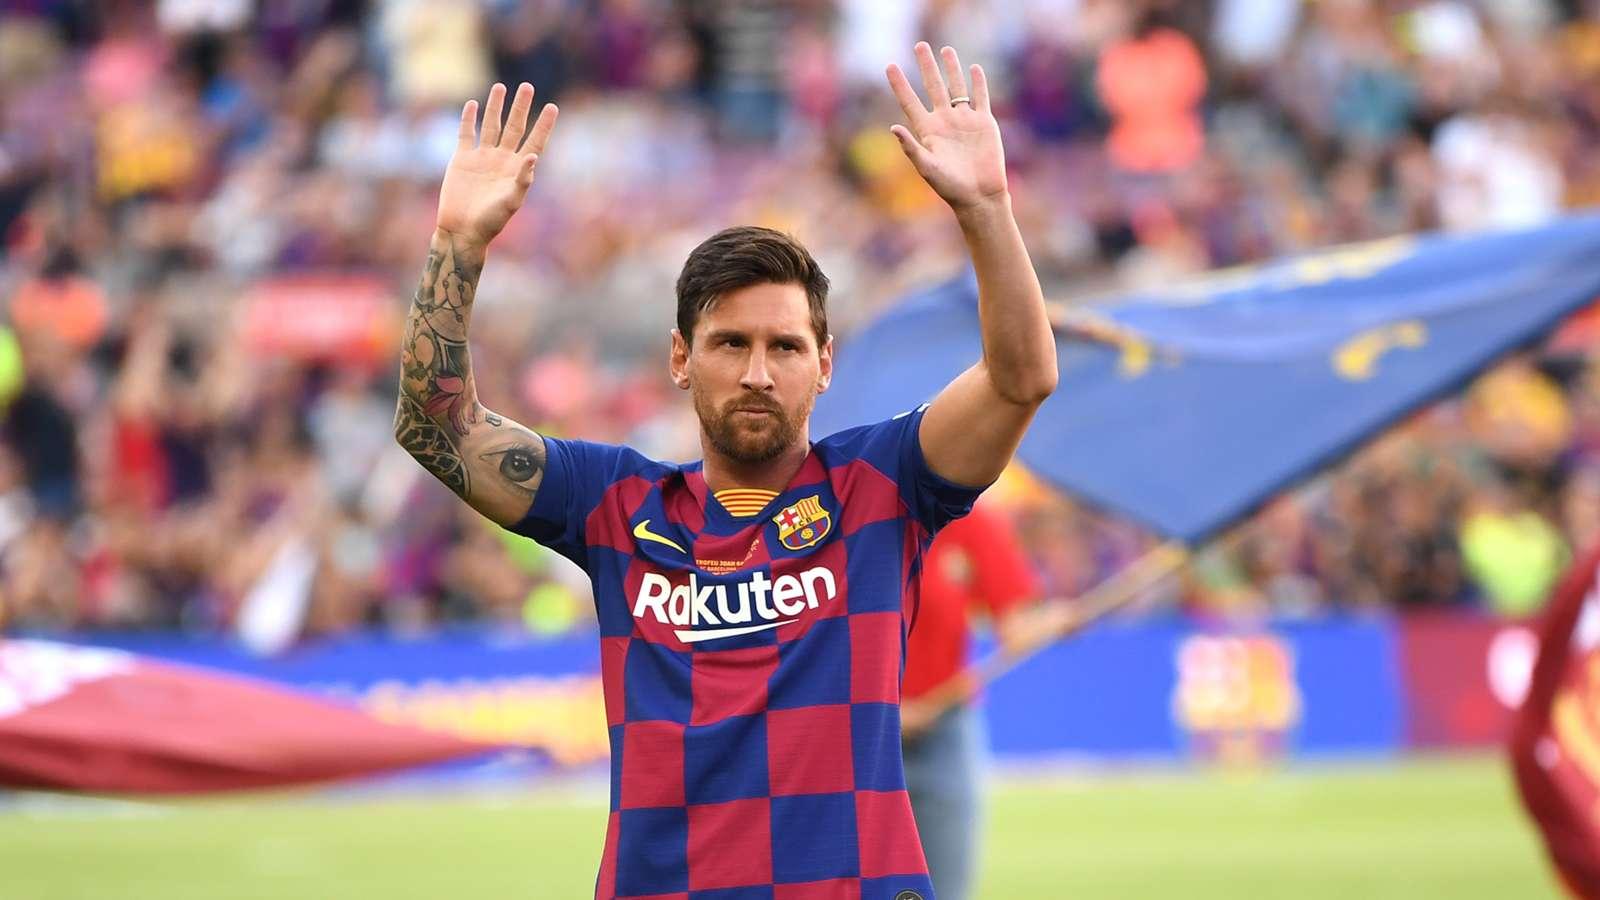 عمالقة الكرة ميسي أفضل لاعب في التاريخ الرياضي ملاعب دولية البيان